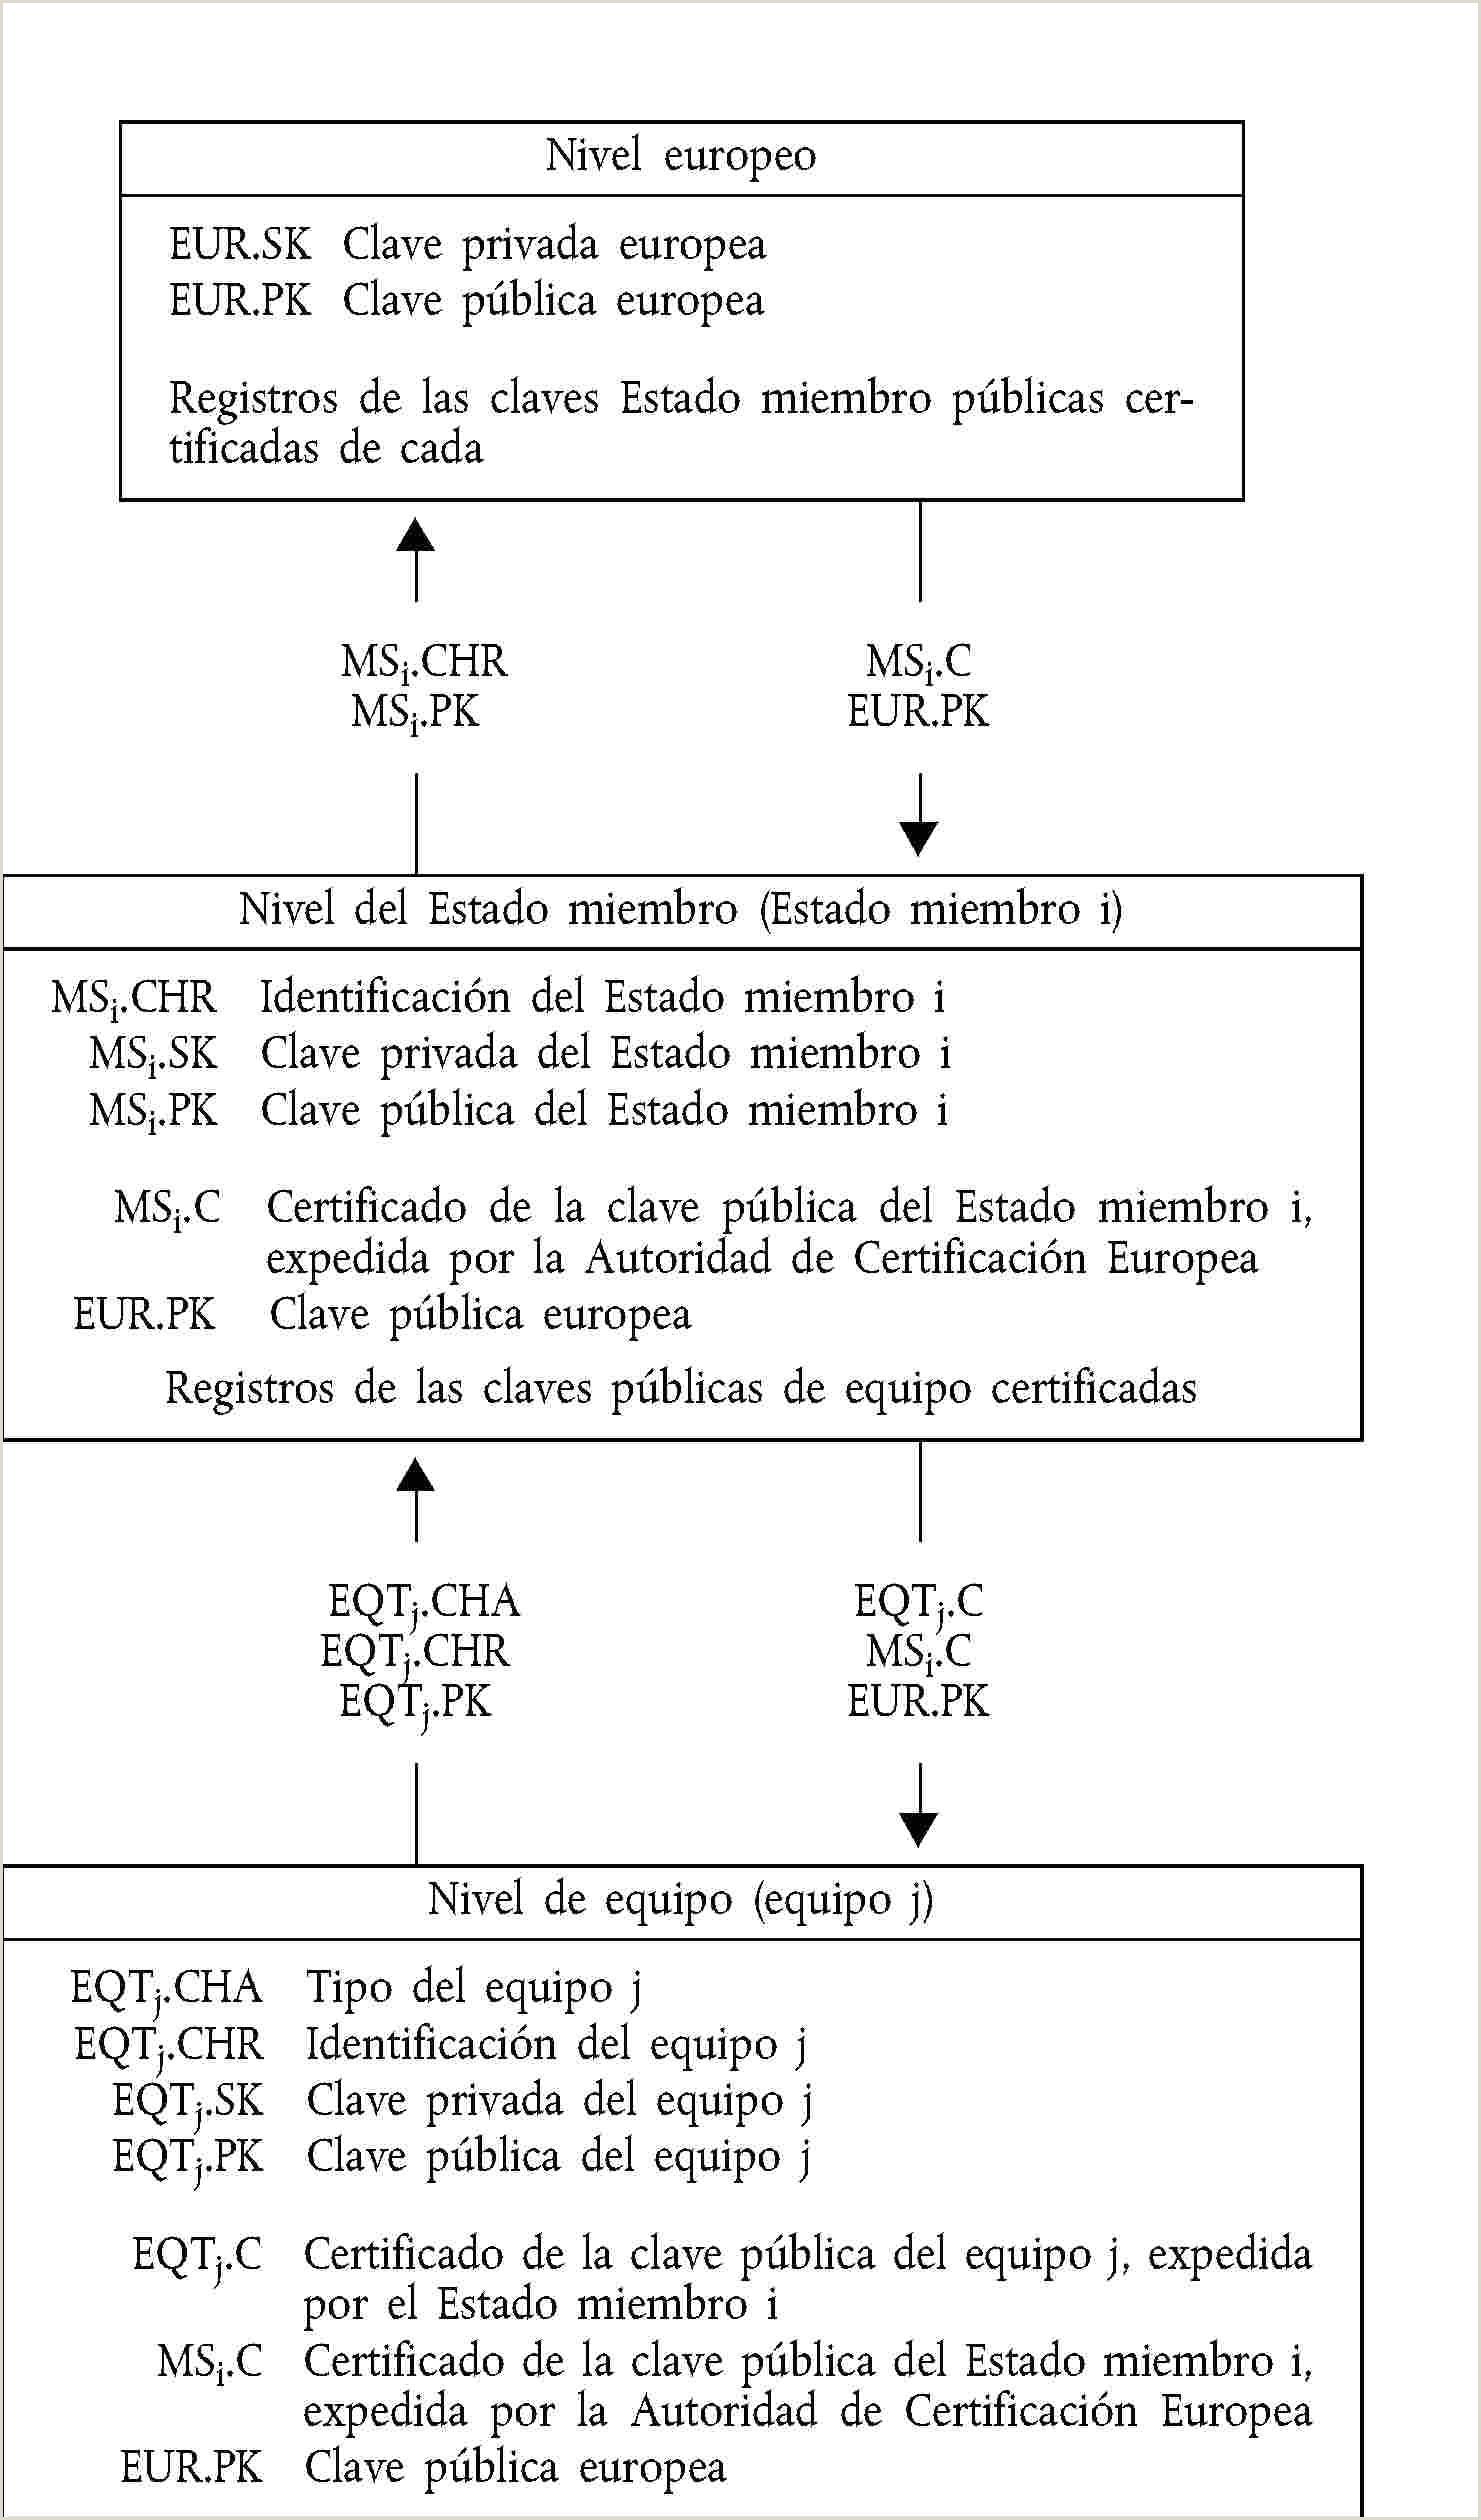 Descargar Hoja De Vida Conductor Texto Consolidado R3821 — Es — 01 07 2013